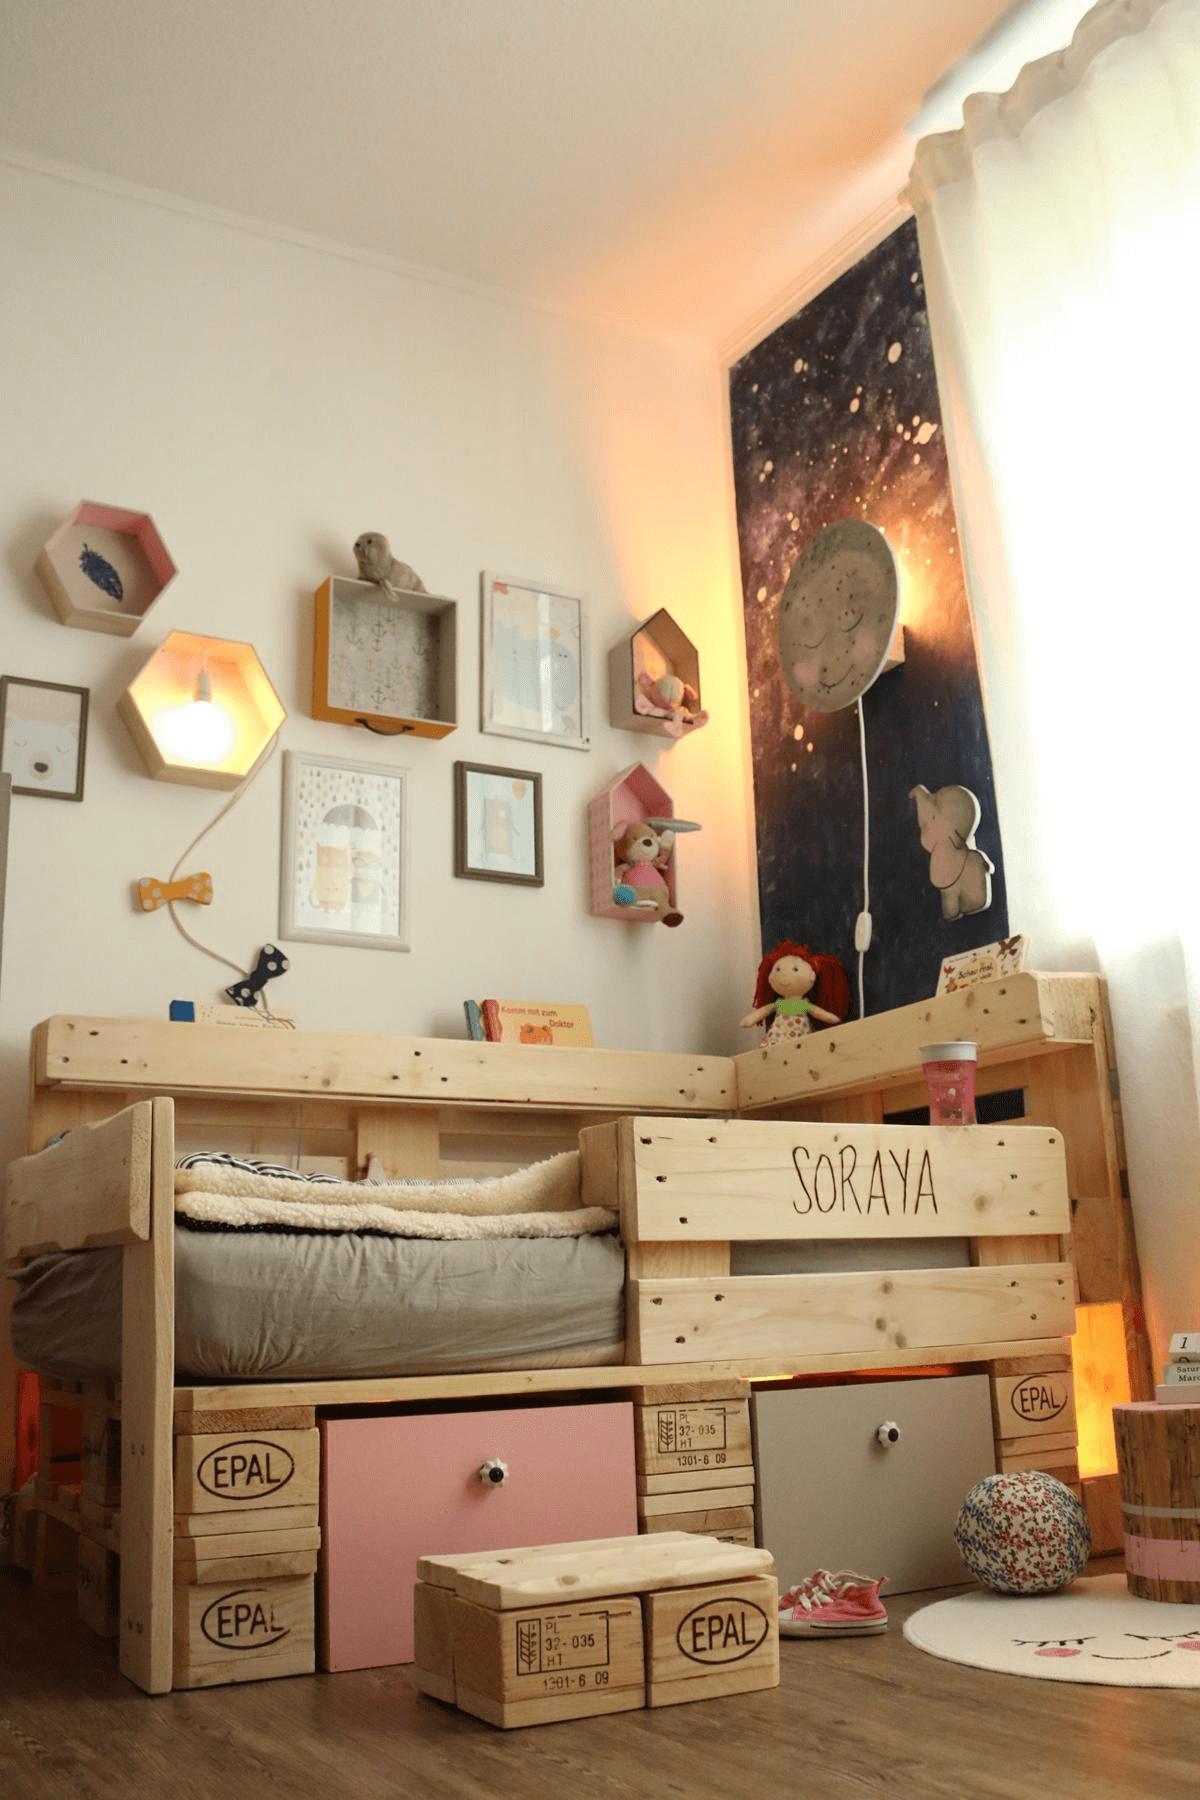 Kinder Deko Ideen Schlafzimmer Selber Machen